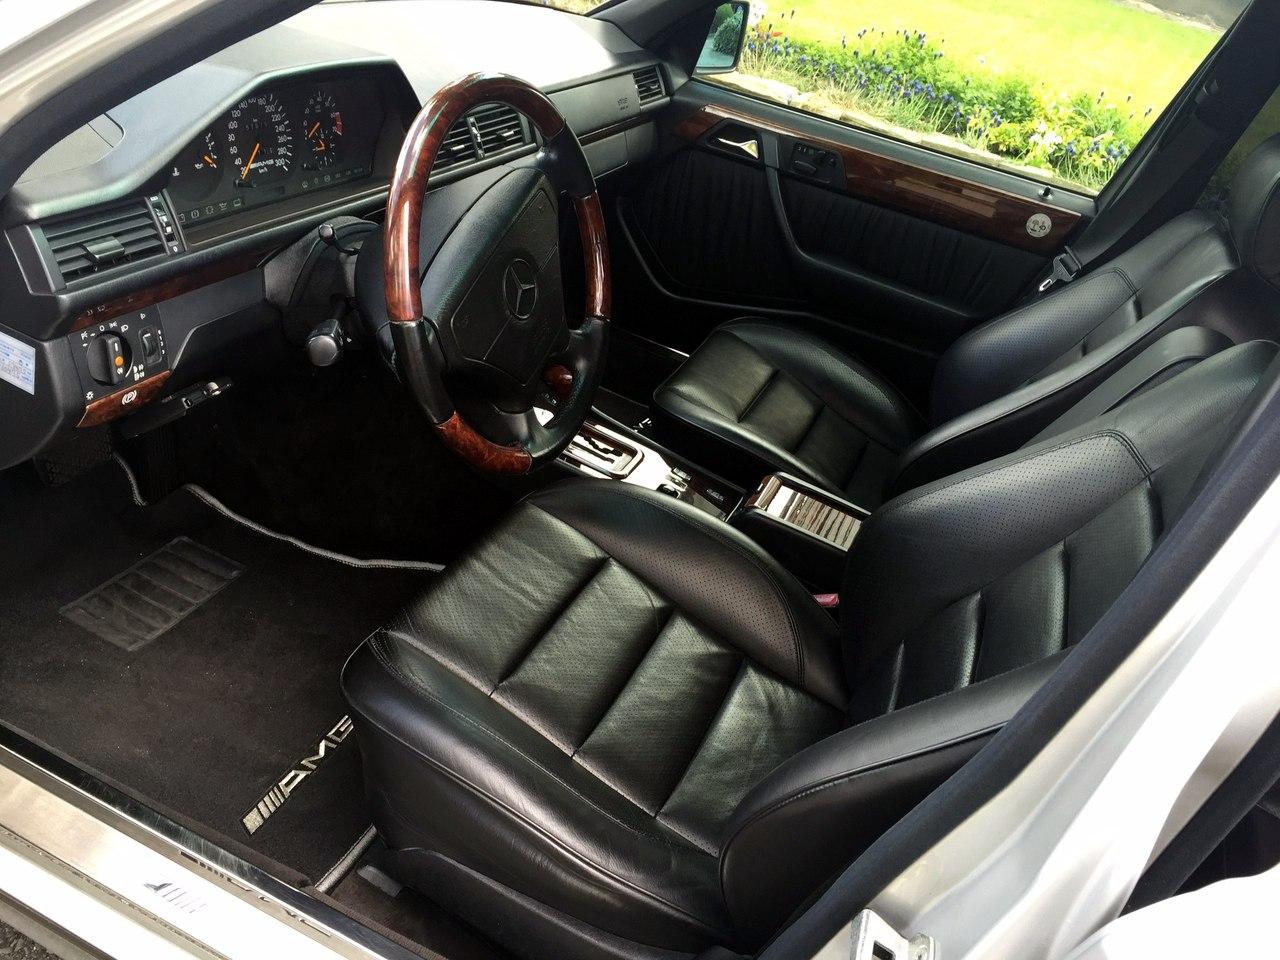 1993 Mercedes Benz W124 E60 Amg Benztuning